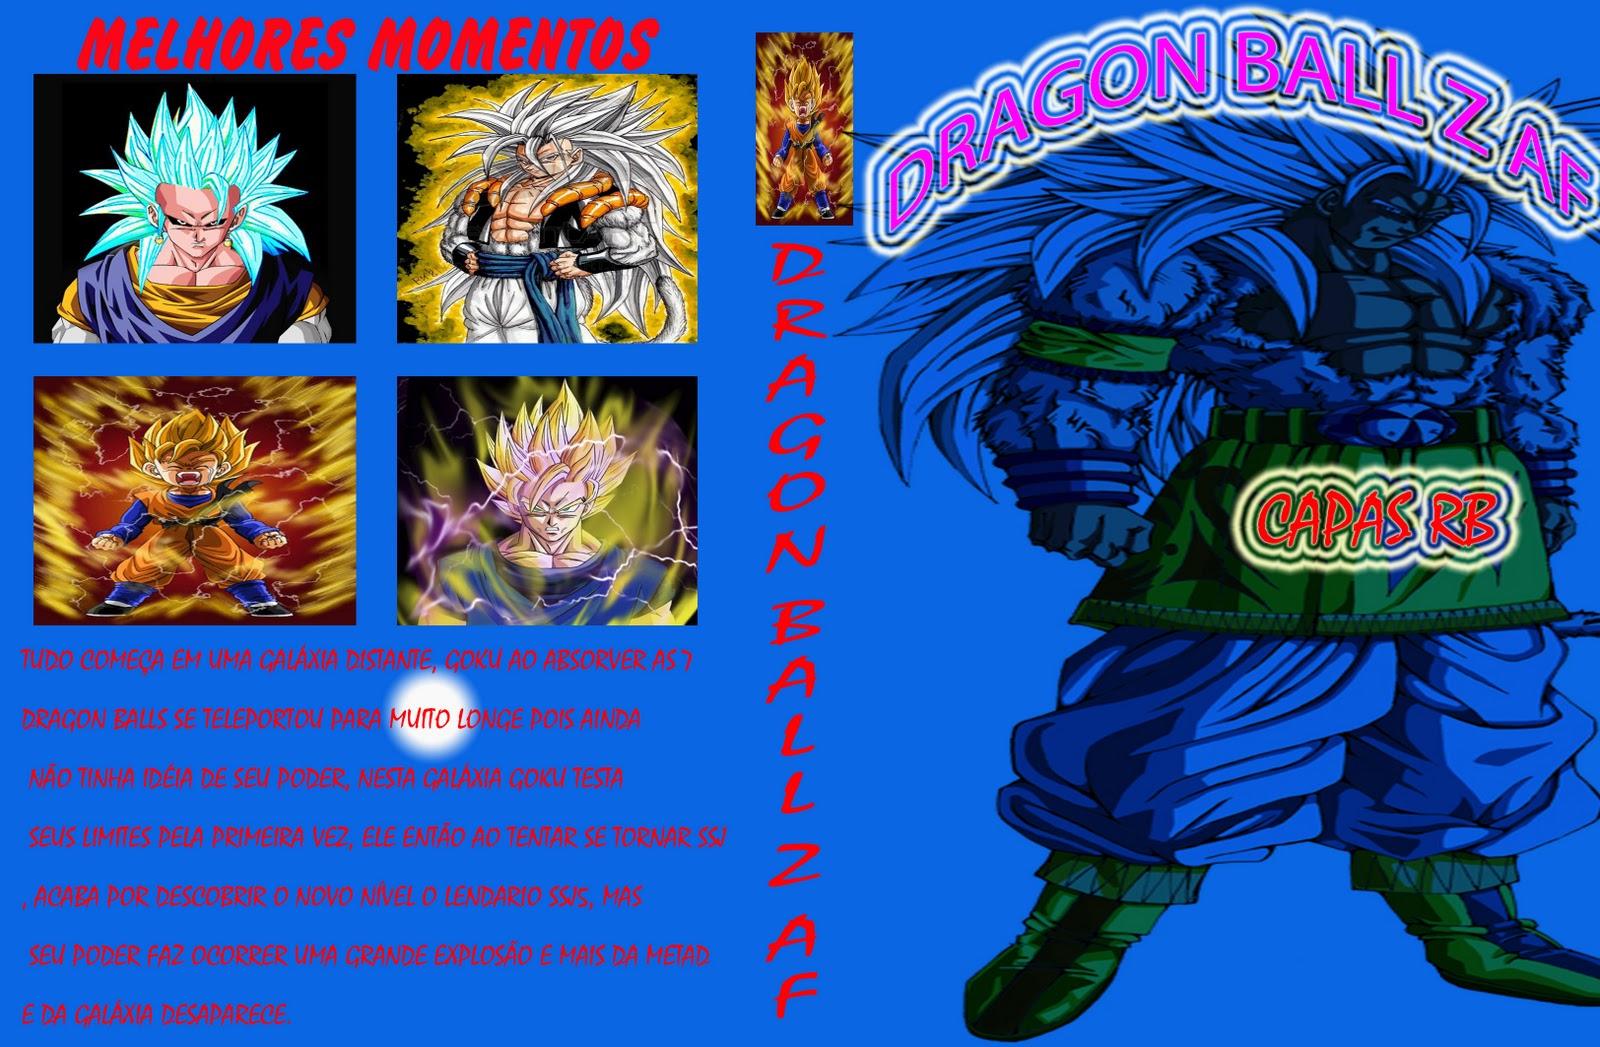 http://3.bp.blogspot.com/-KgegZmbDIRA/TwjPgWjmpRI/AAAAAAAAB0Q/19DSthq3ScU/s1600/dragon%20ball%20z%20af.jpg